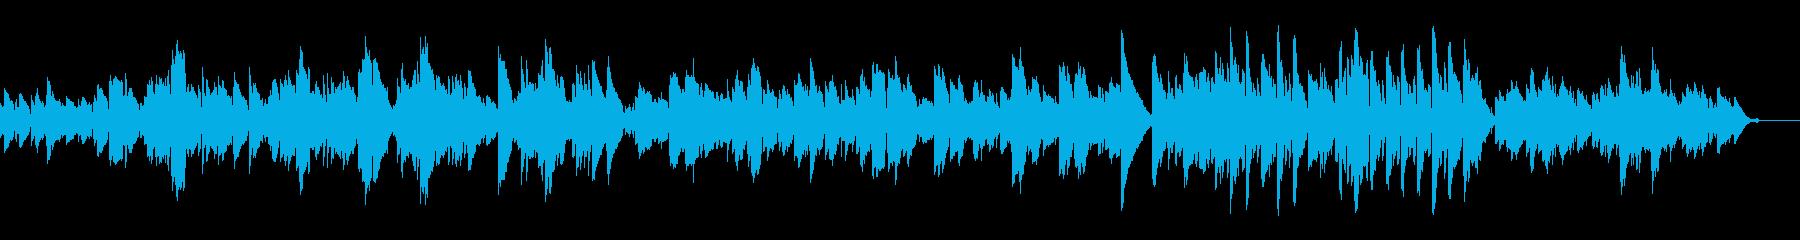 穏やかなアコギの調べの再生済みの波形